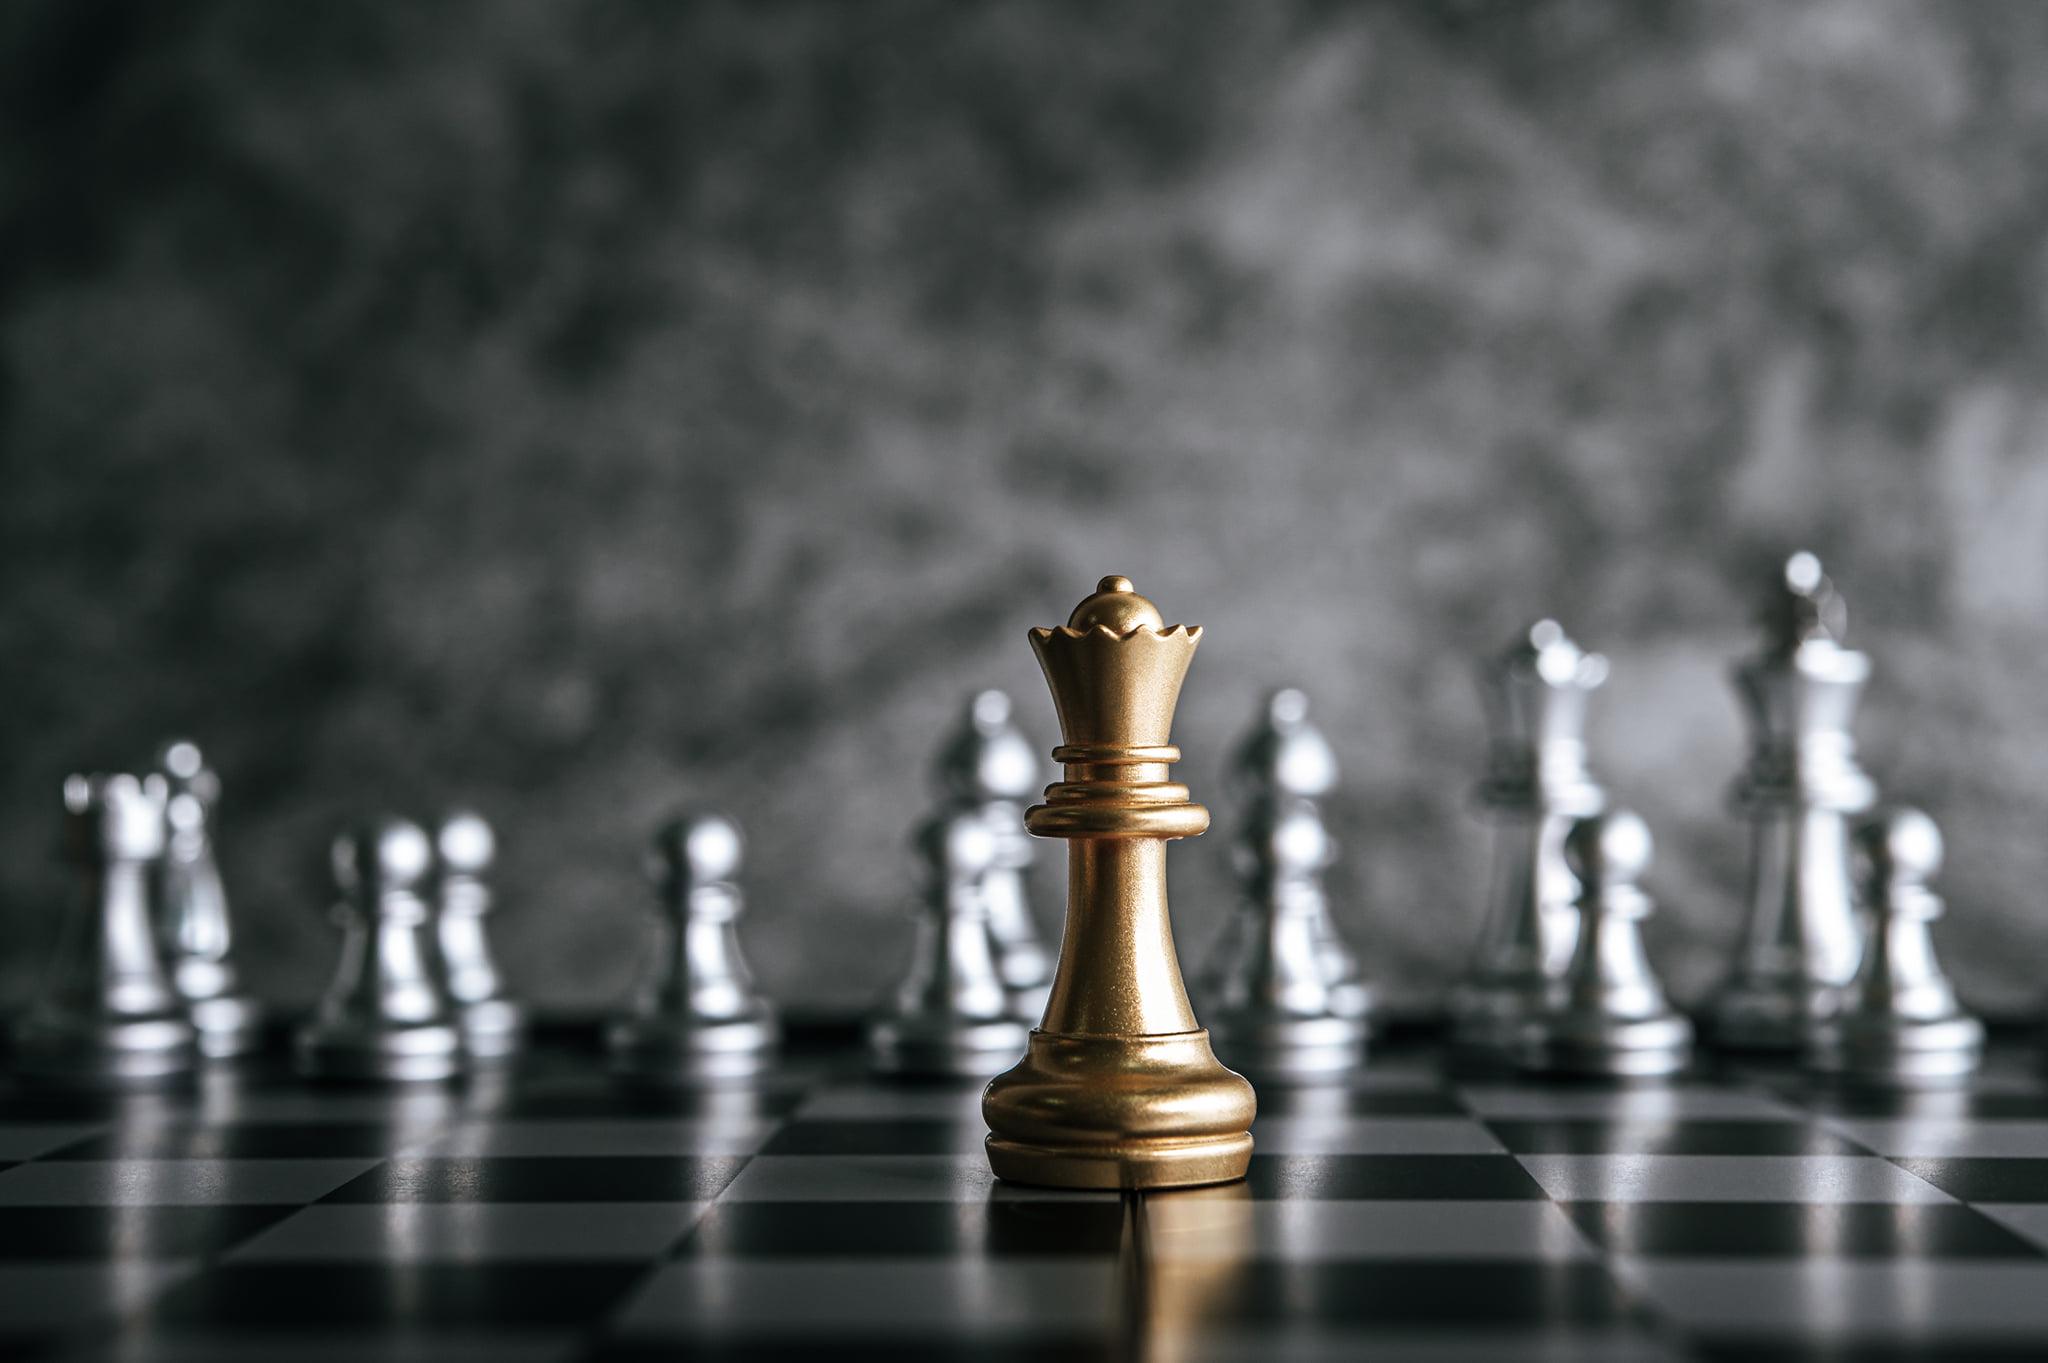 Zdjęcie przedstawia znajdującą się na szachownicy pozłacaną figurę szachową na tle figur srebrnych